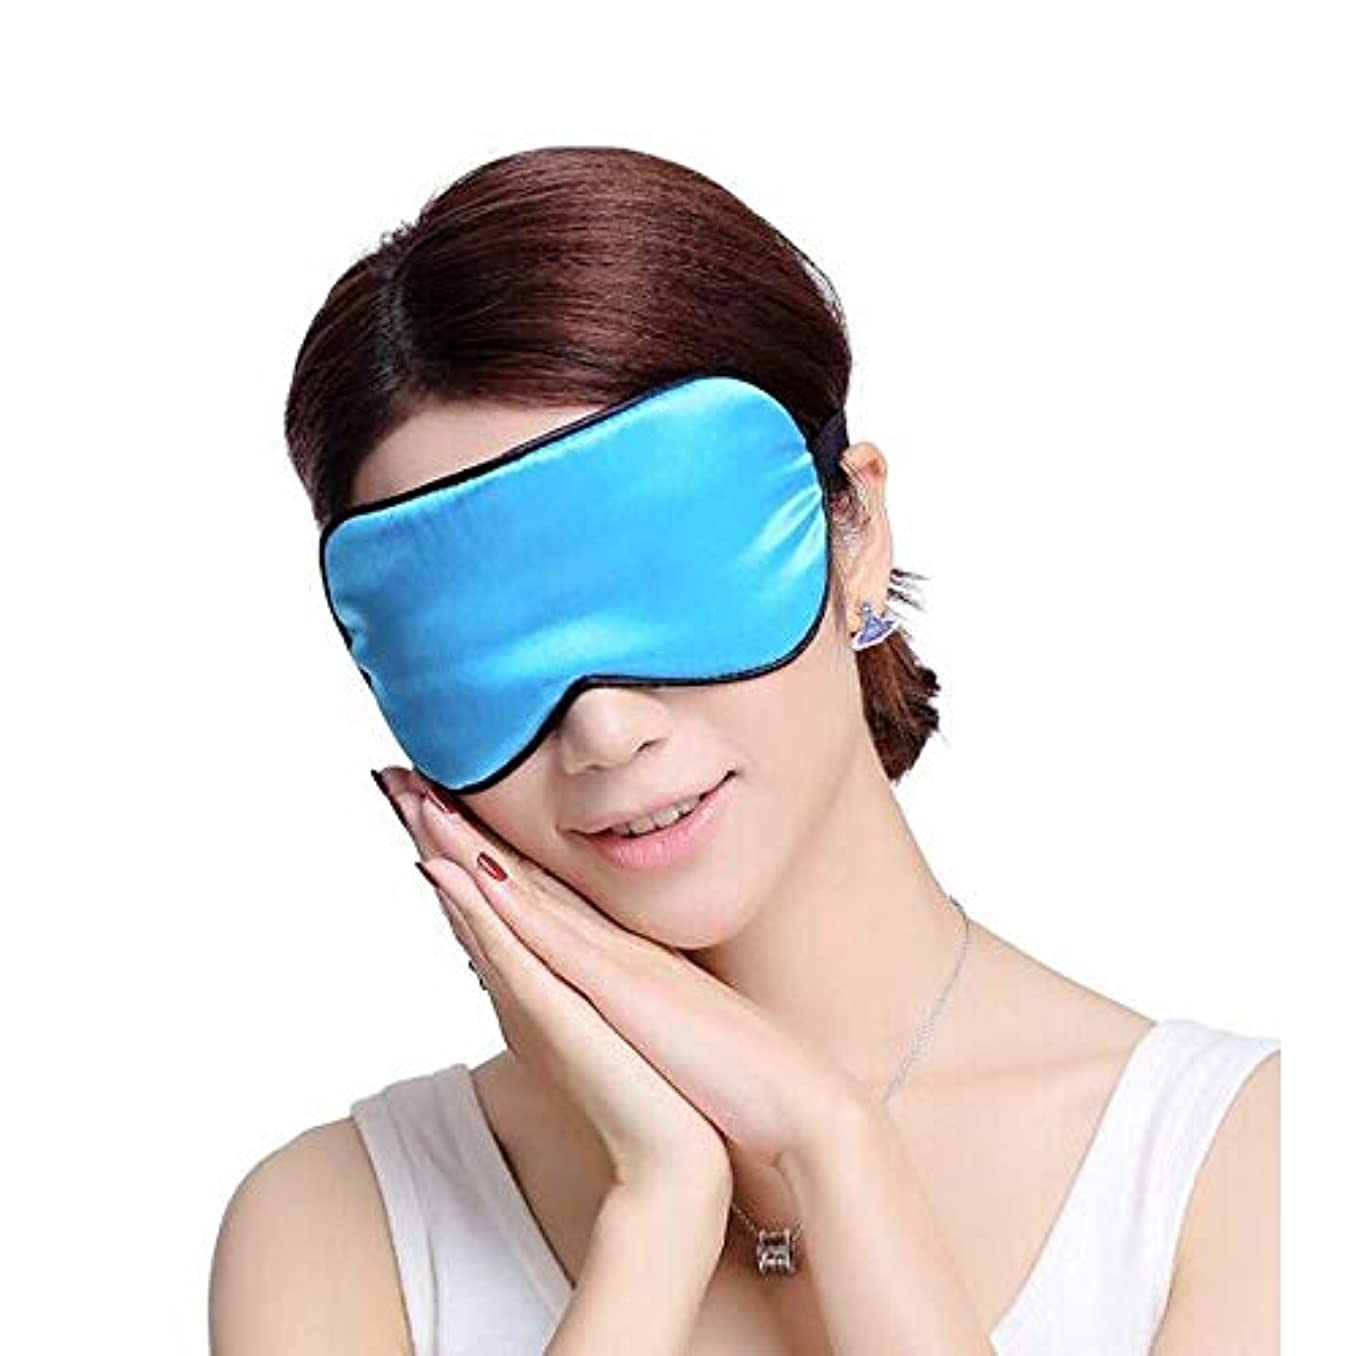 デンプシー束季節HUICHEN ゴーグルの睡眠睡眠ゴーグル快適な停電シルク両面シルク、通気性ユニセックス調整可能な大きな目のゴーグルは、昼寝を旅行します (Color : Blue)